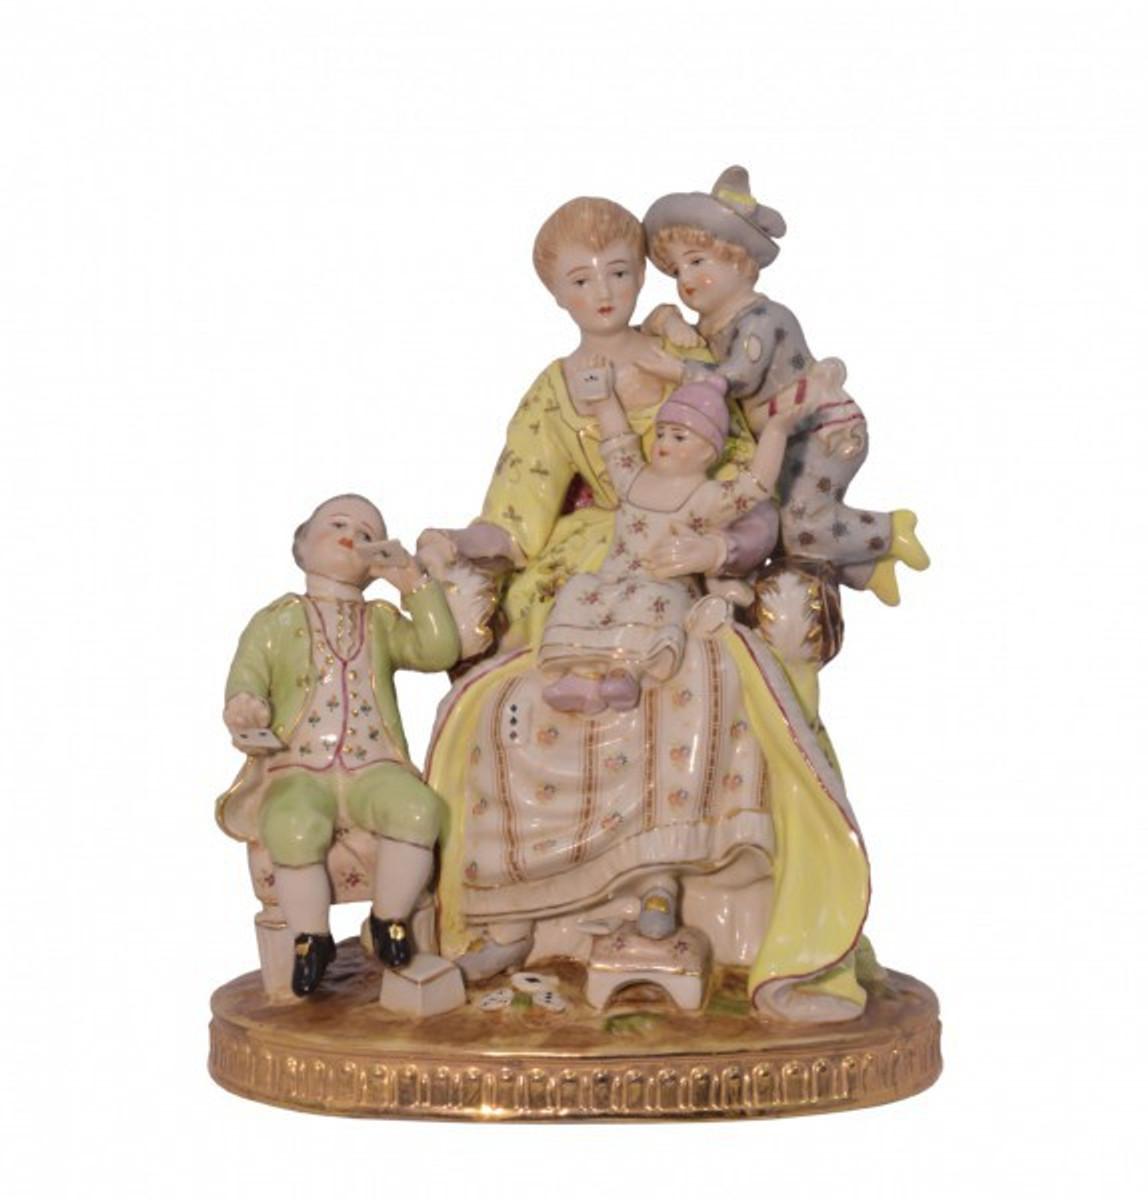 Familie Porzellan Figuren zeigt eine liebevolle Frau mit drei Kindern im Barock Stil.